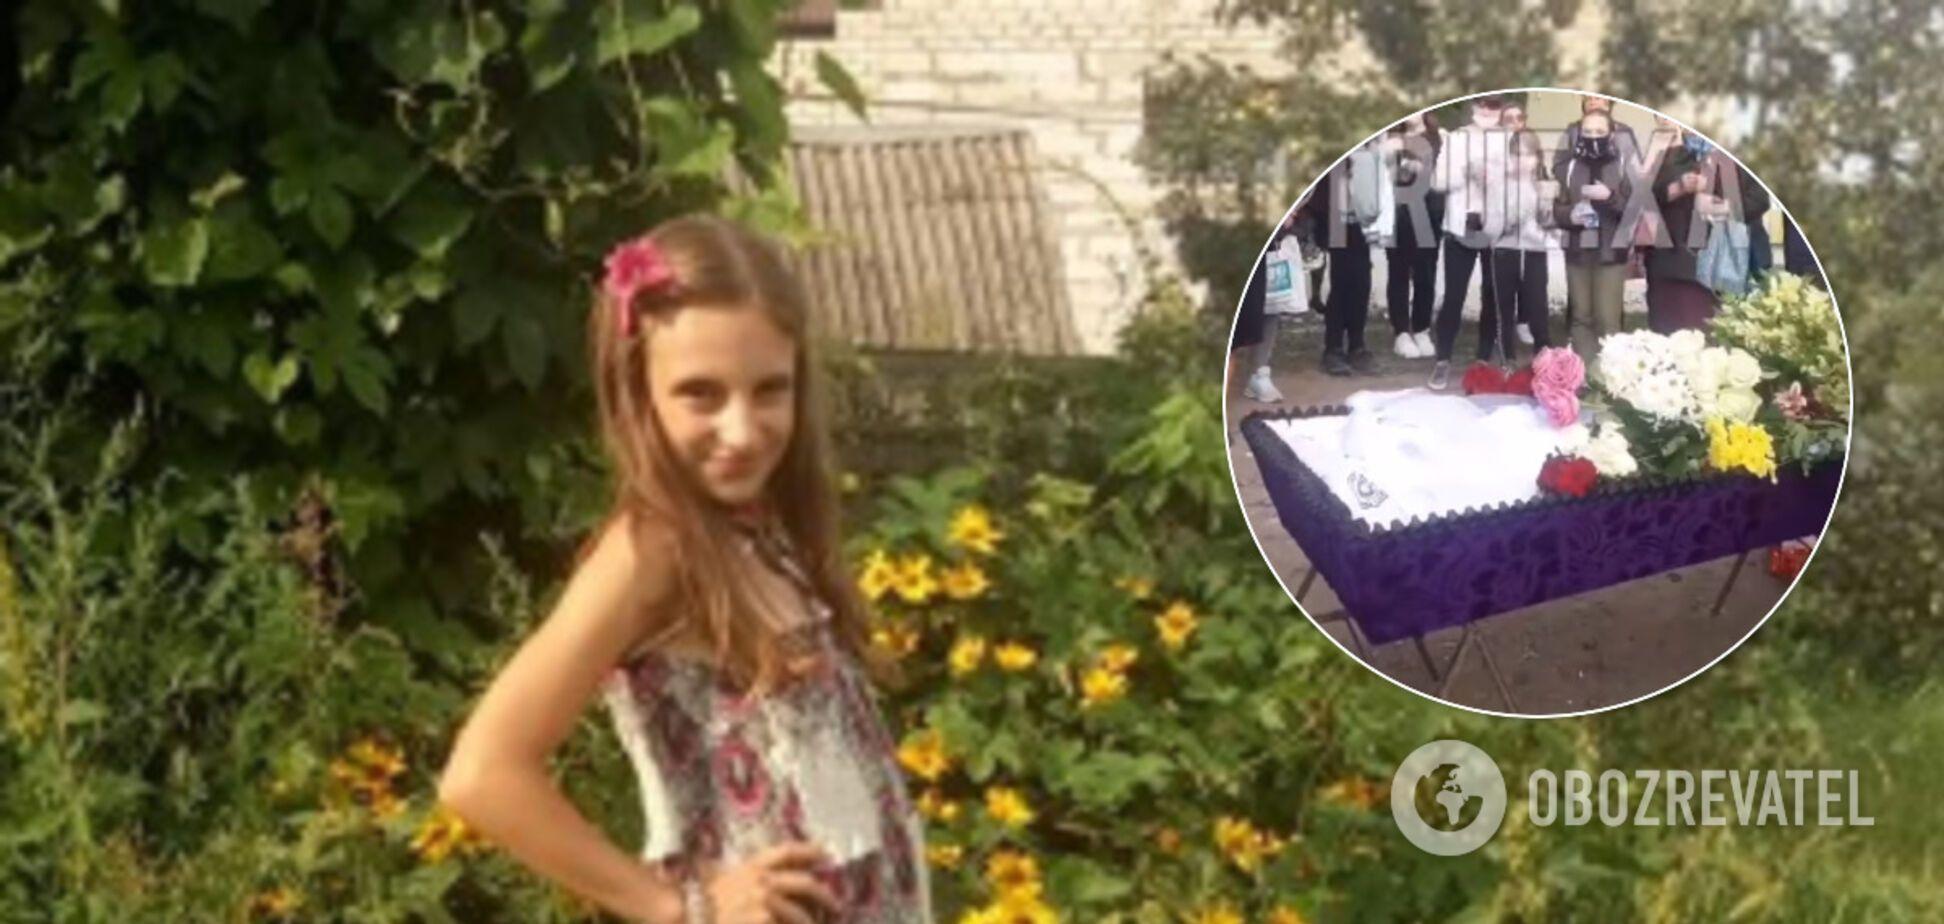 Под Харьковом разгорелся скандал из-за похорон девочки, жестоко убитой матерью